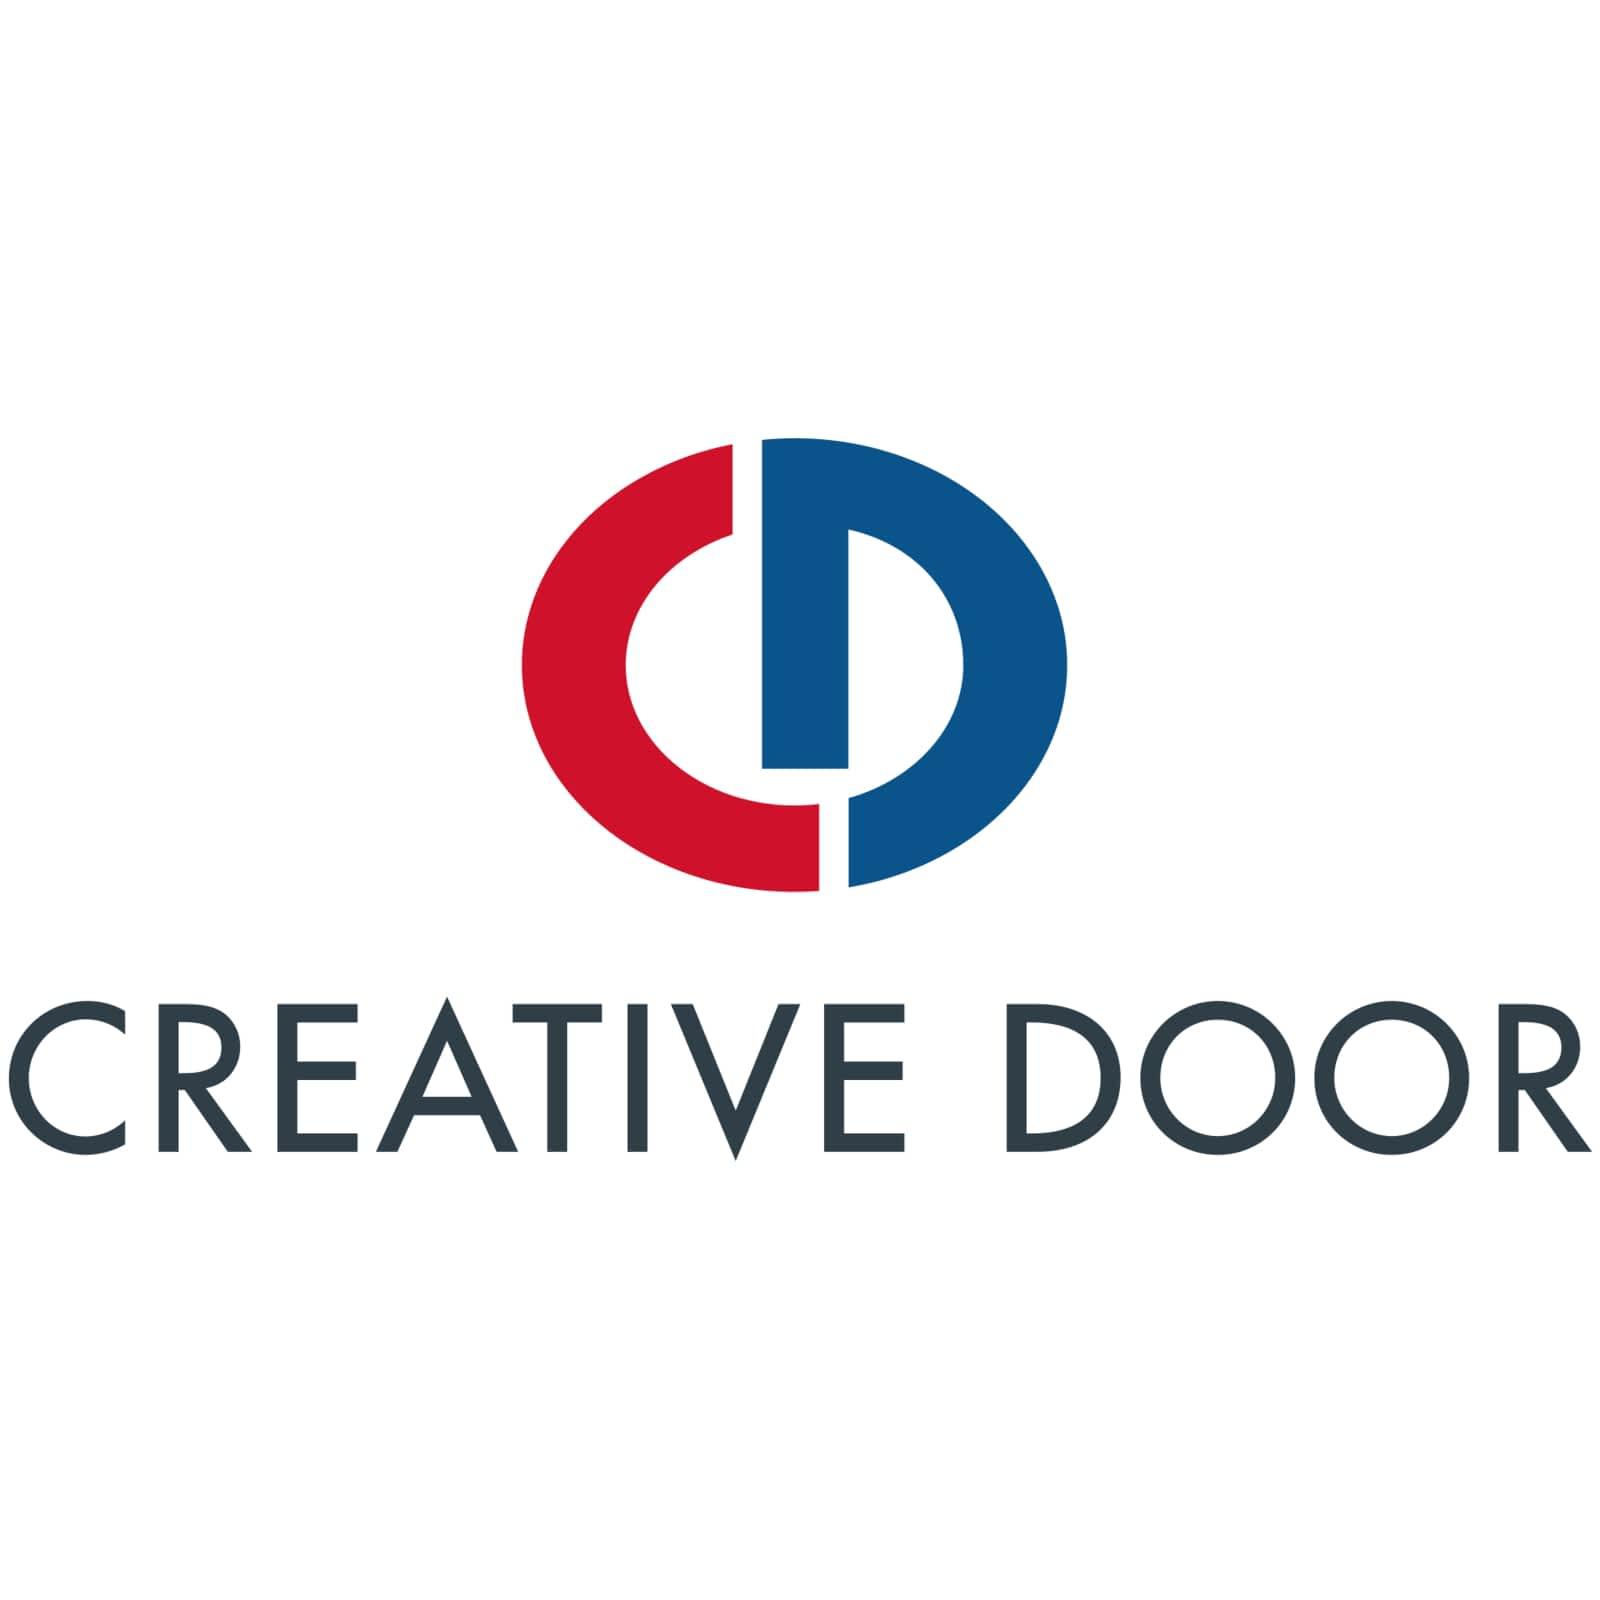 Creative Door - Vancouver Garage Door \u0026 Overhead Door Specialists - Opening Hours - 1678 Fosters Way Delta BC  sc 1 st  Yellow Pages & Creative Door - Vancouver Garage Door \u0026 Overhead Door Specialists ...